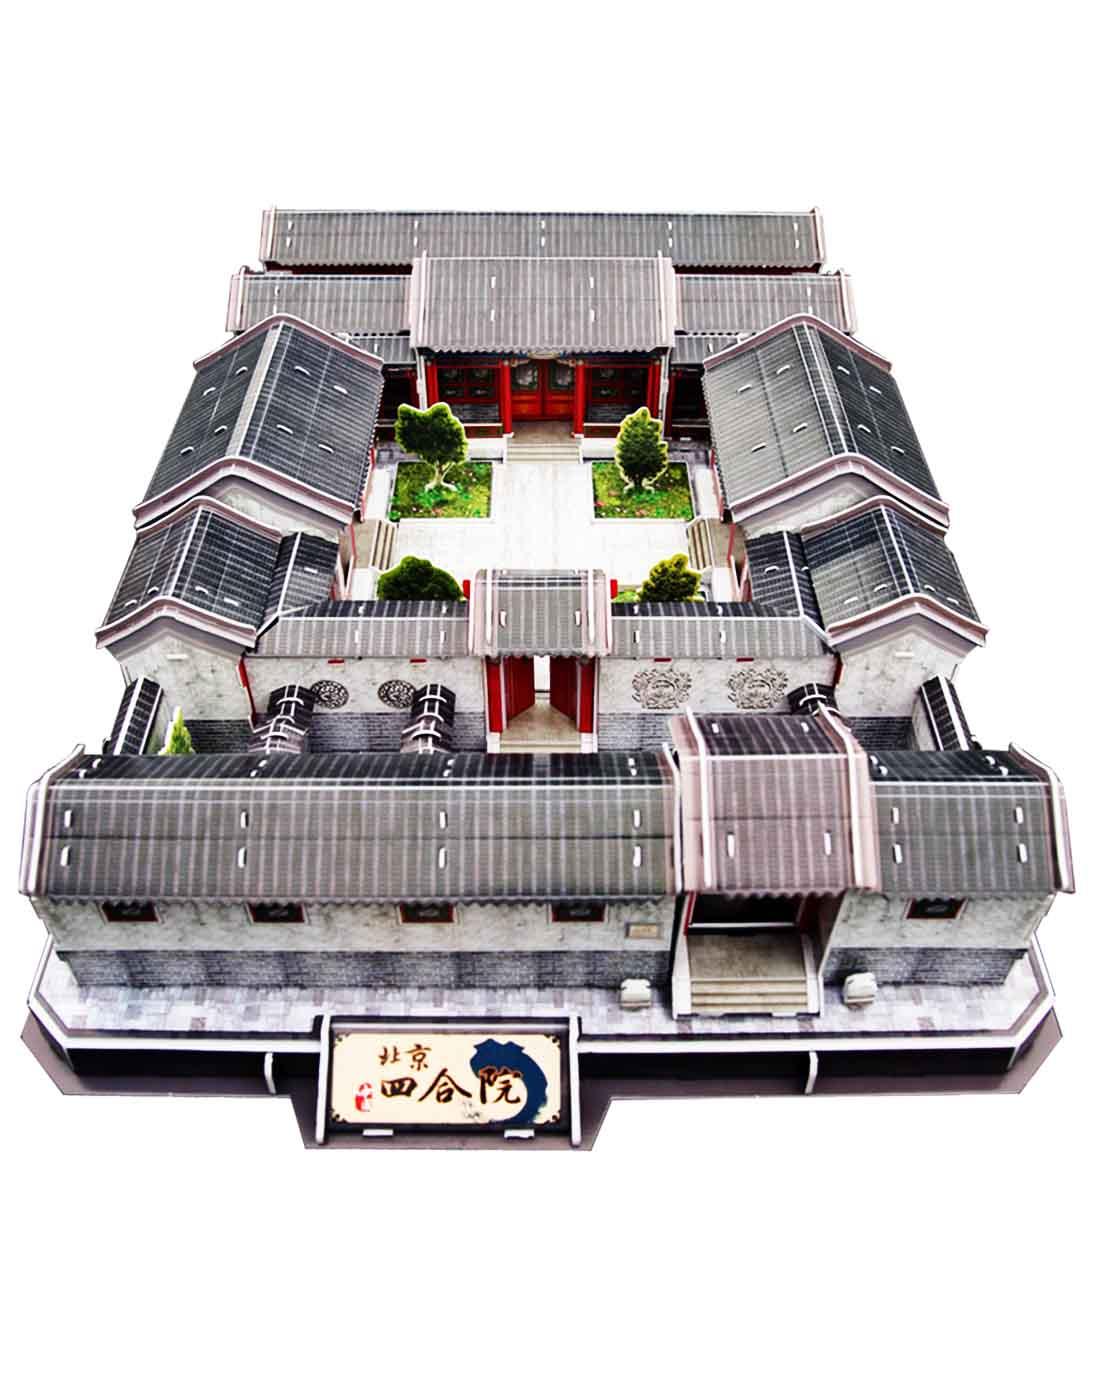 北京四合院拼图步骤